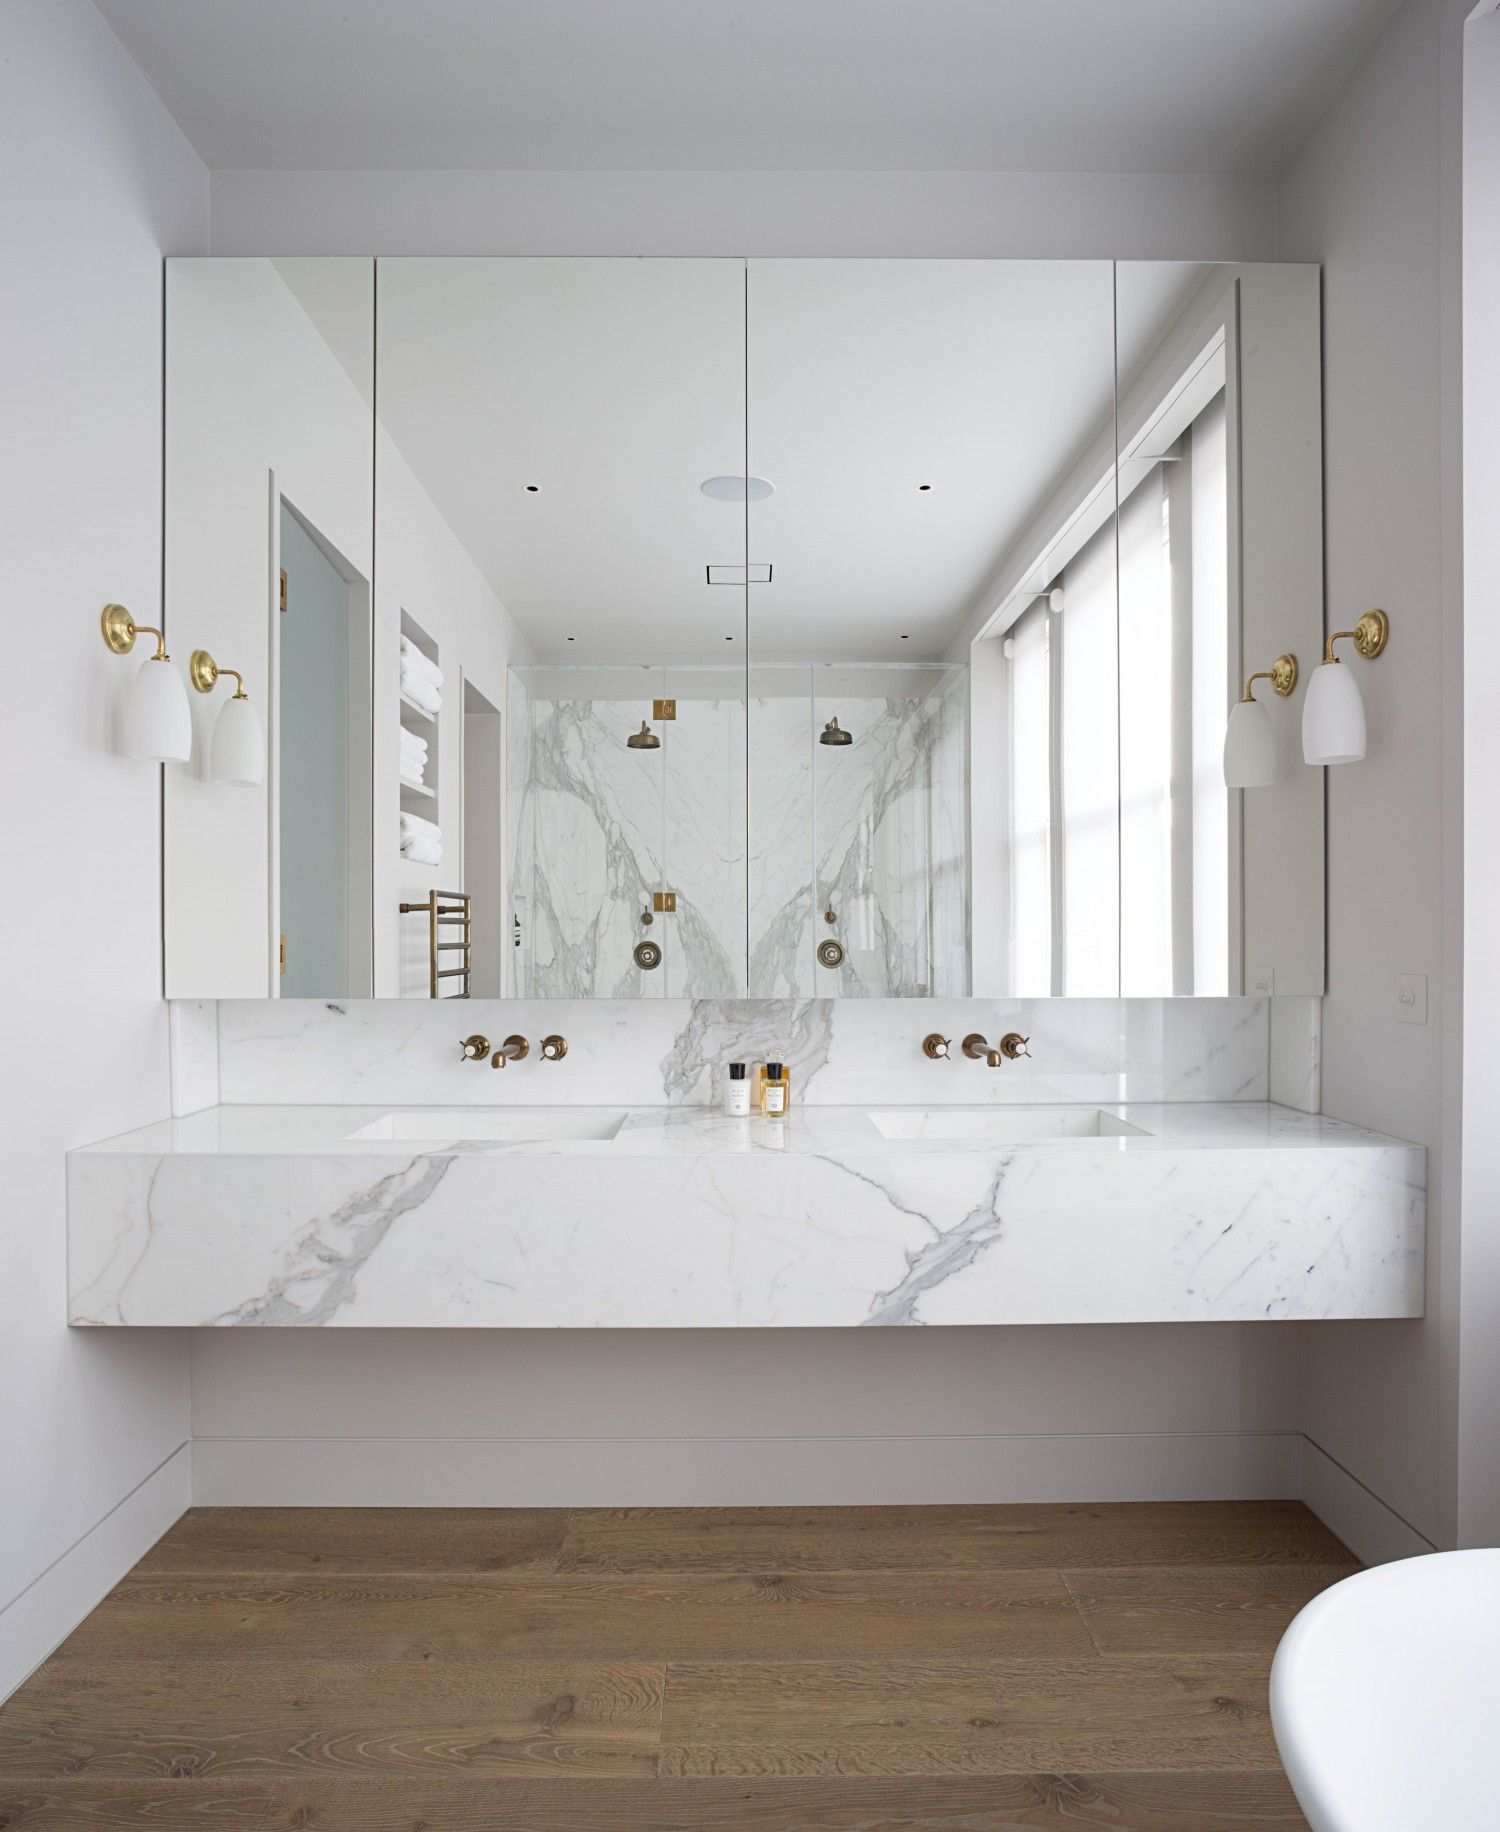 Michaelis Boyd Bathroom Interior Bathroom Countertops Bathroom Design